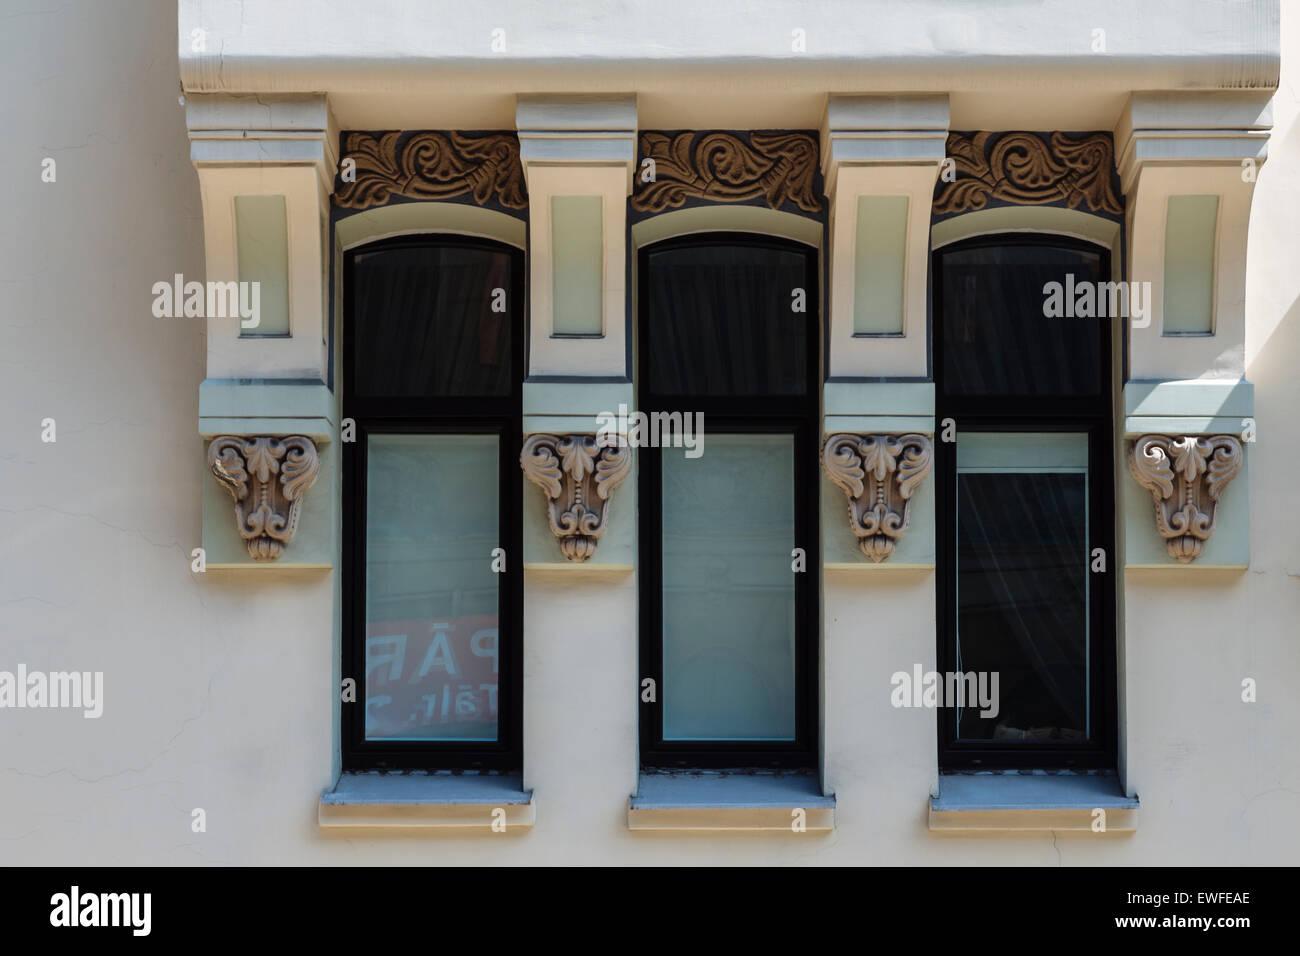 Facade of Art Nouveau (Jugendstil) building at Vilandes Iela 12 in Riga, Latvia - Stock Image